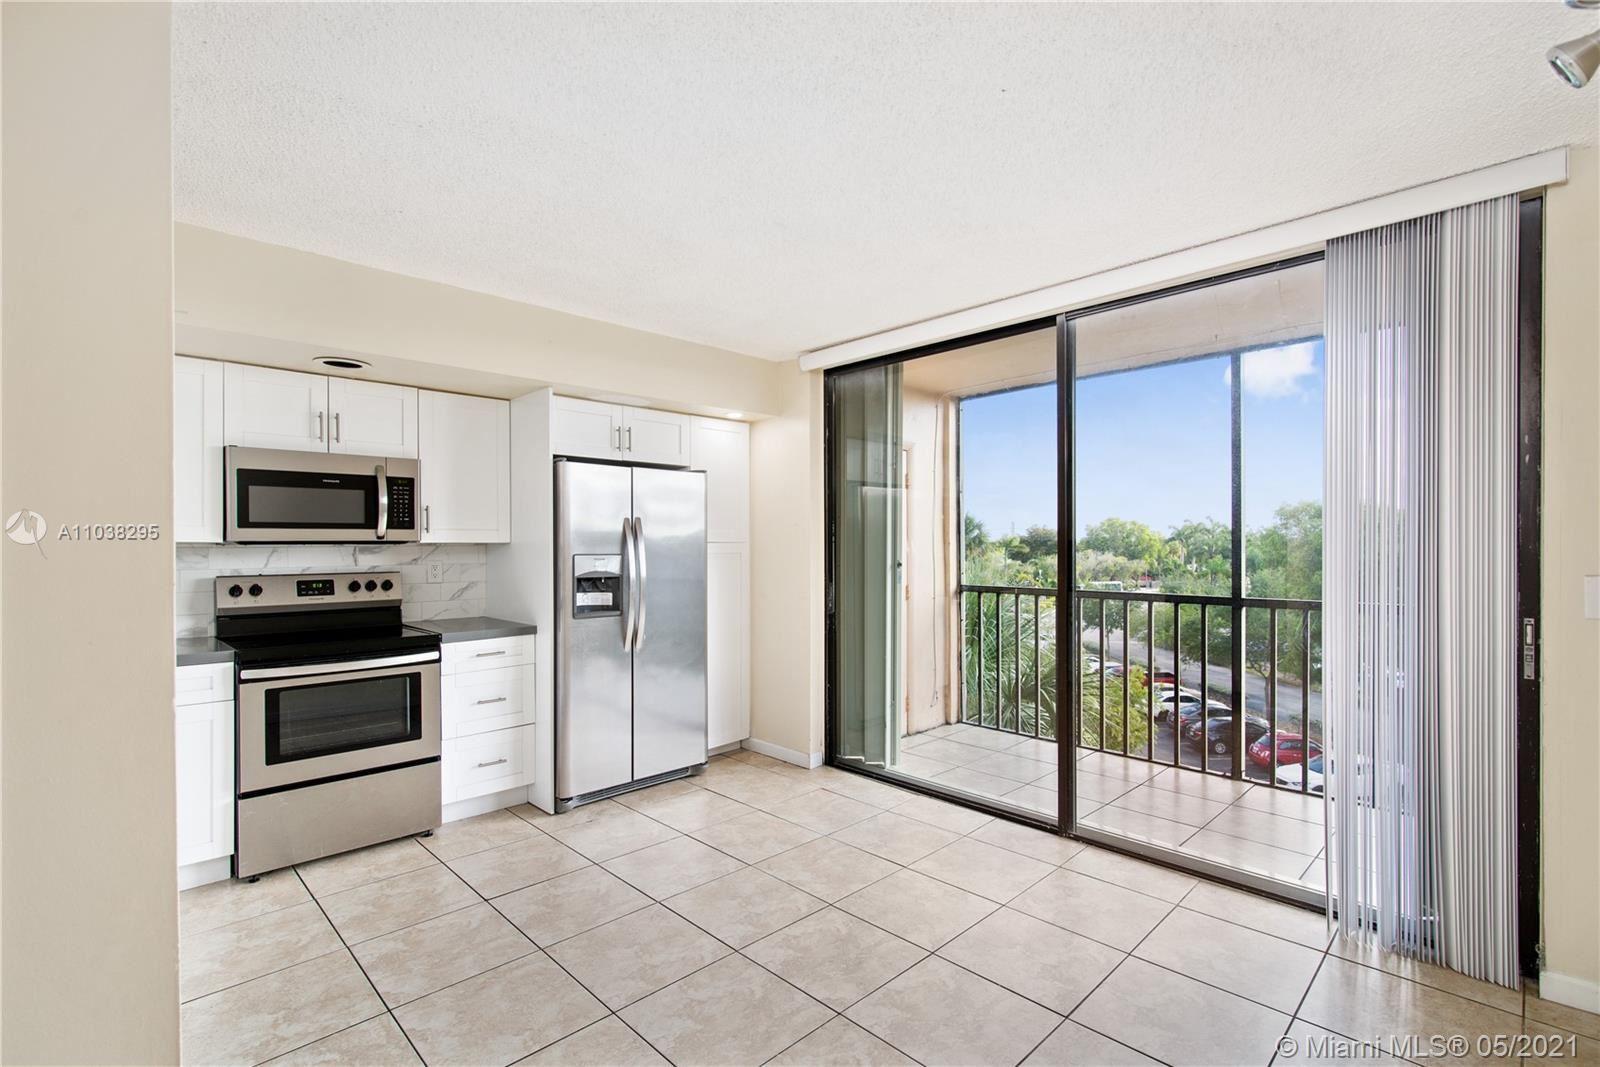 8650 SW 133rd Avenue Rd #406, Miami, FL 33183 - #: A11038295